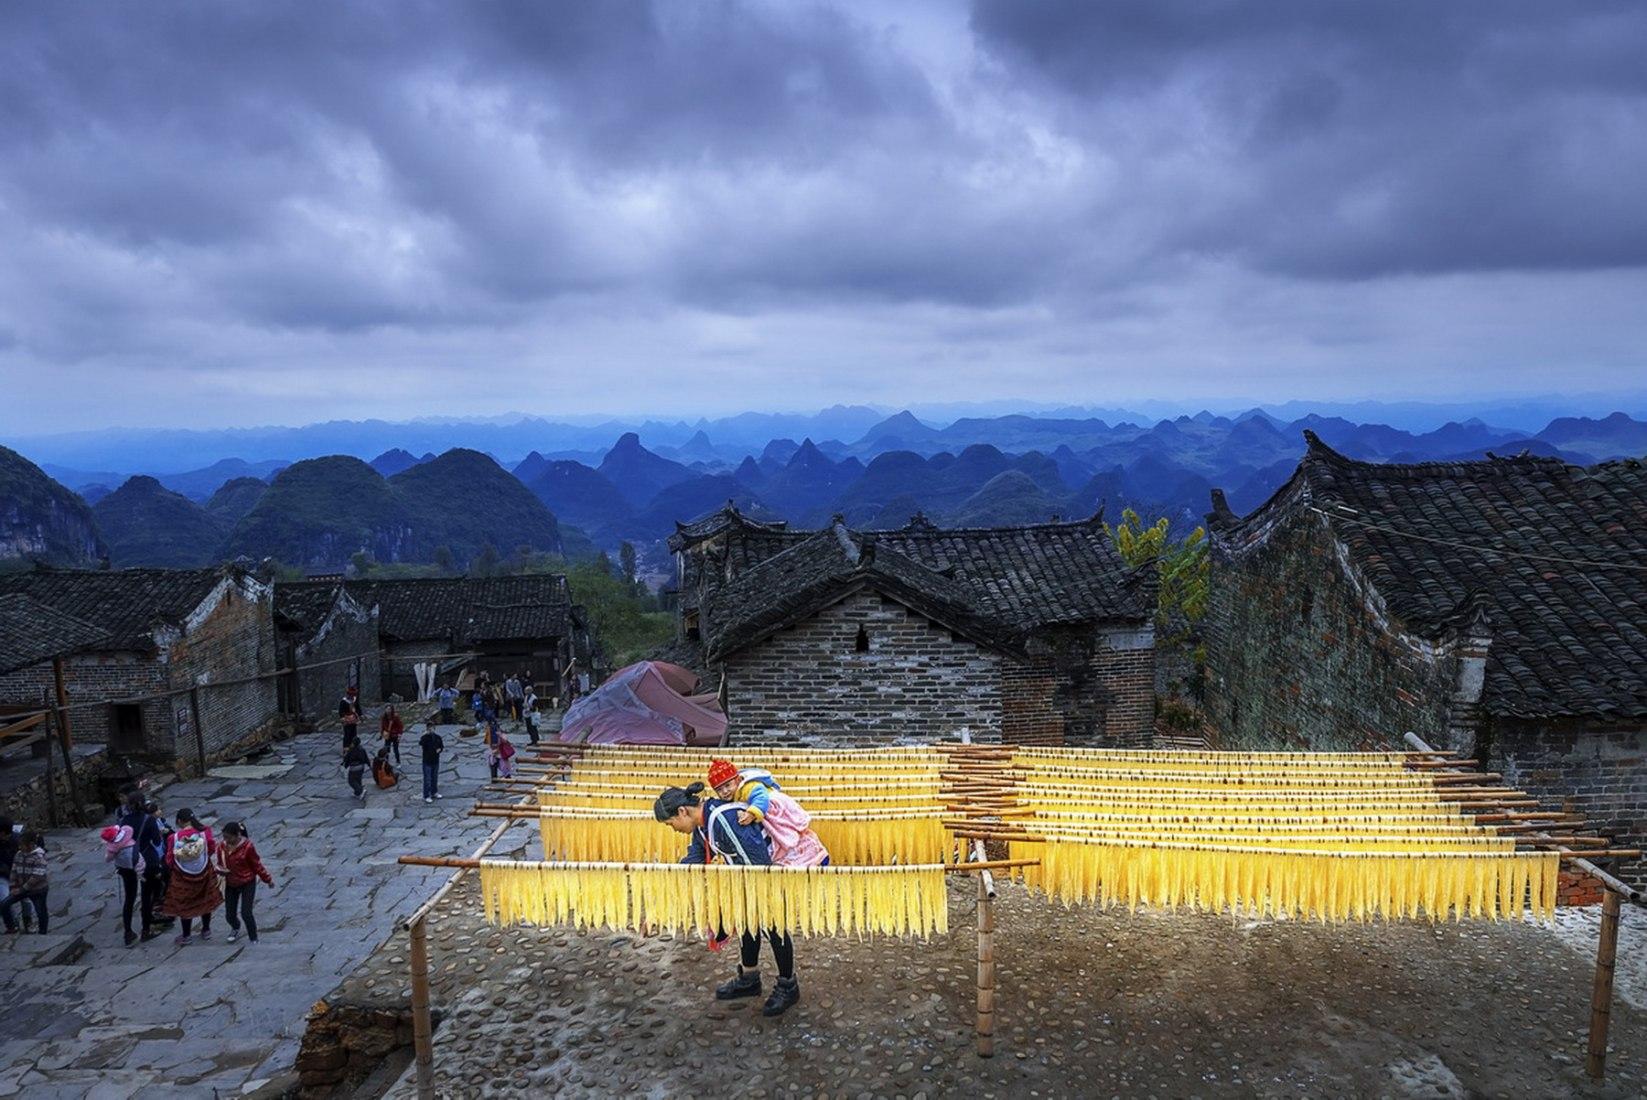 El olor del campo. Secado de plantas. Foto de Tang Daihong. La mujer moderna en China. Asociación Nacional de Fotógrafos de China (CPA). Imagen cortesía Fundación Pons